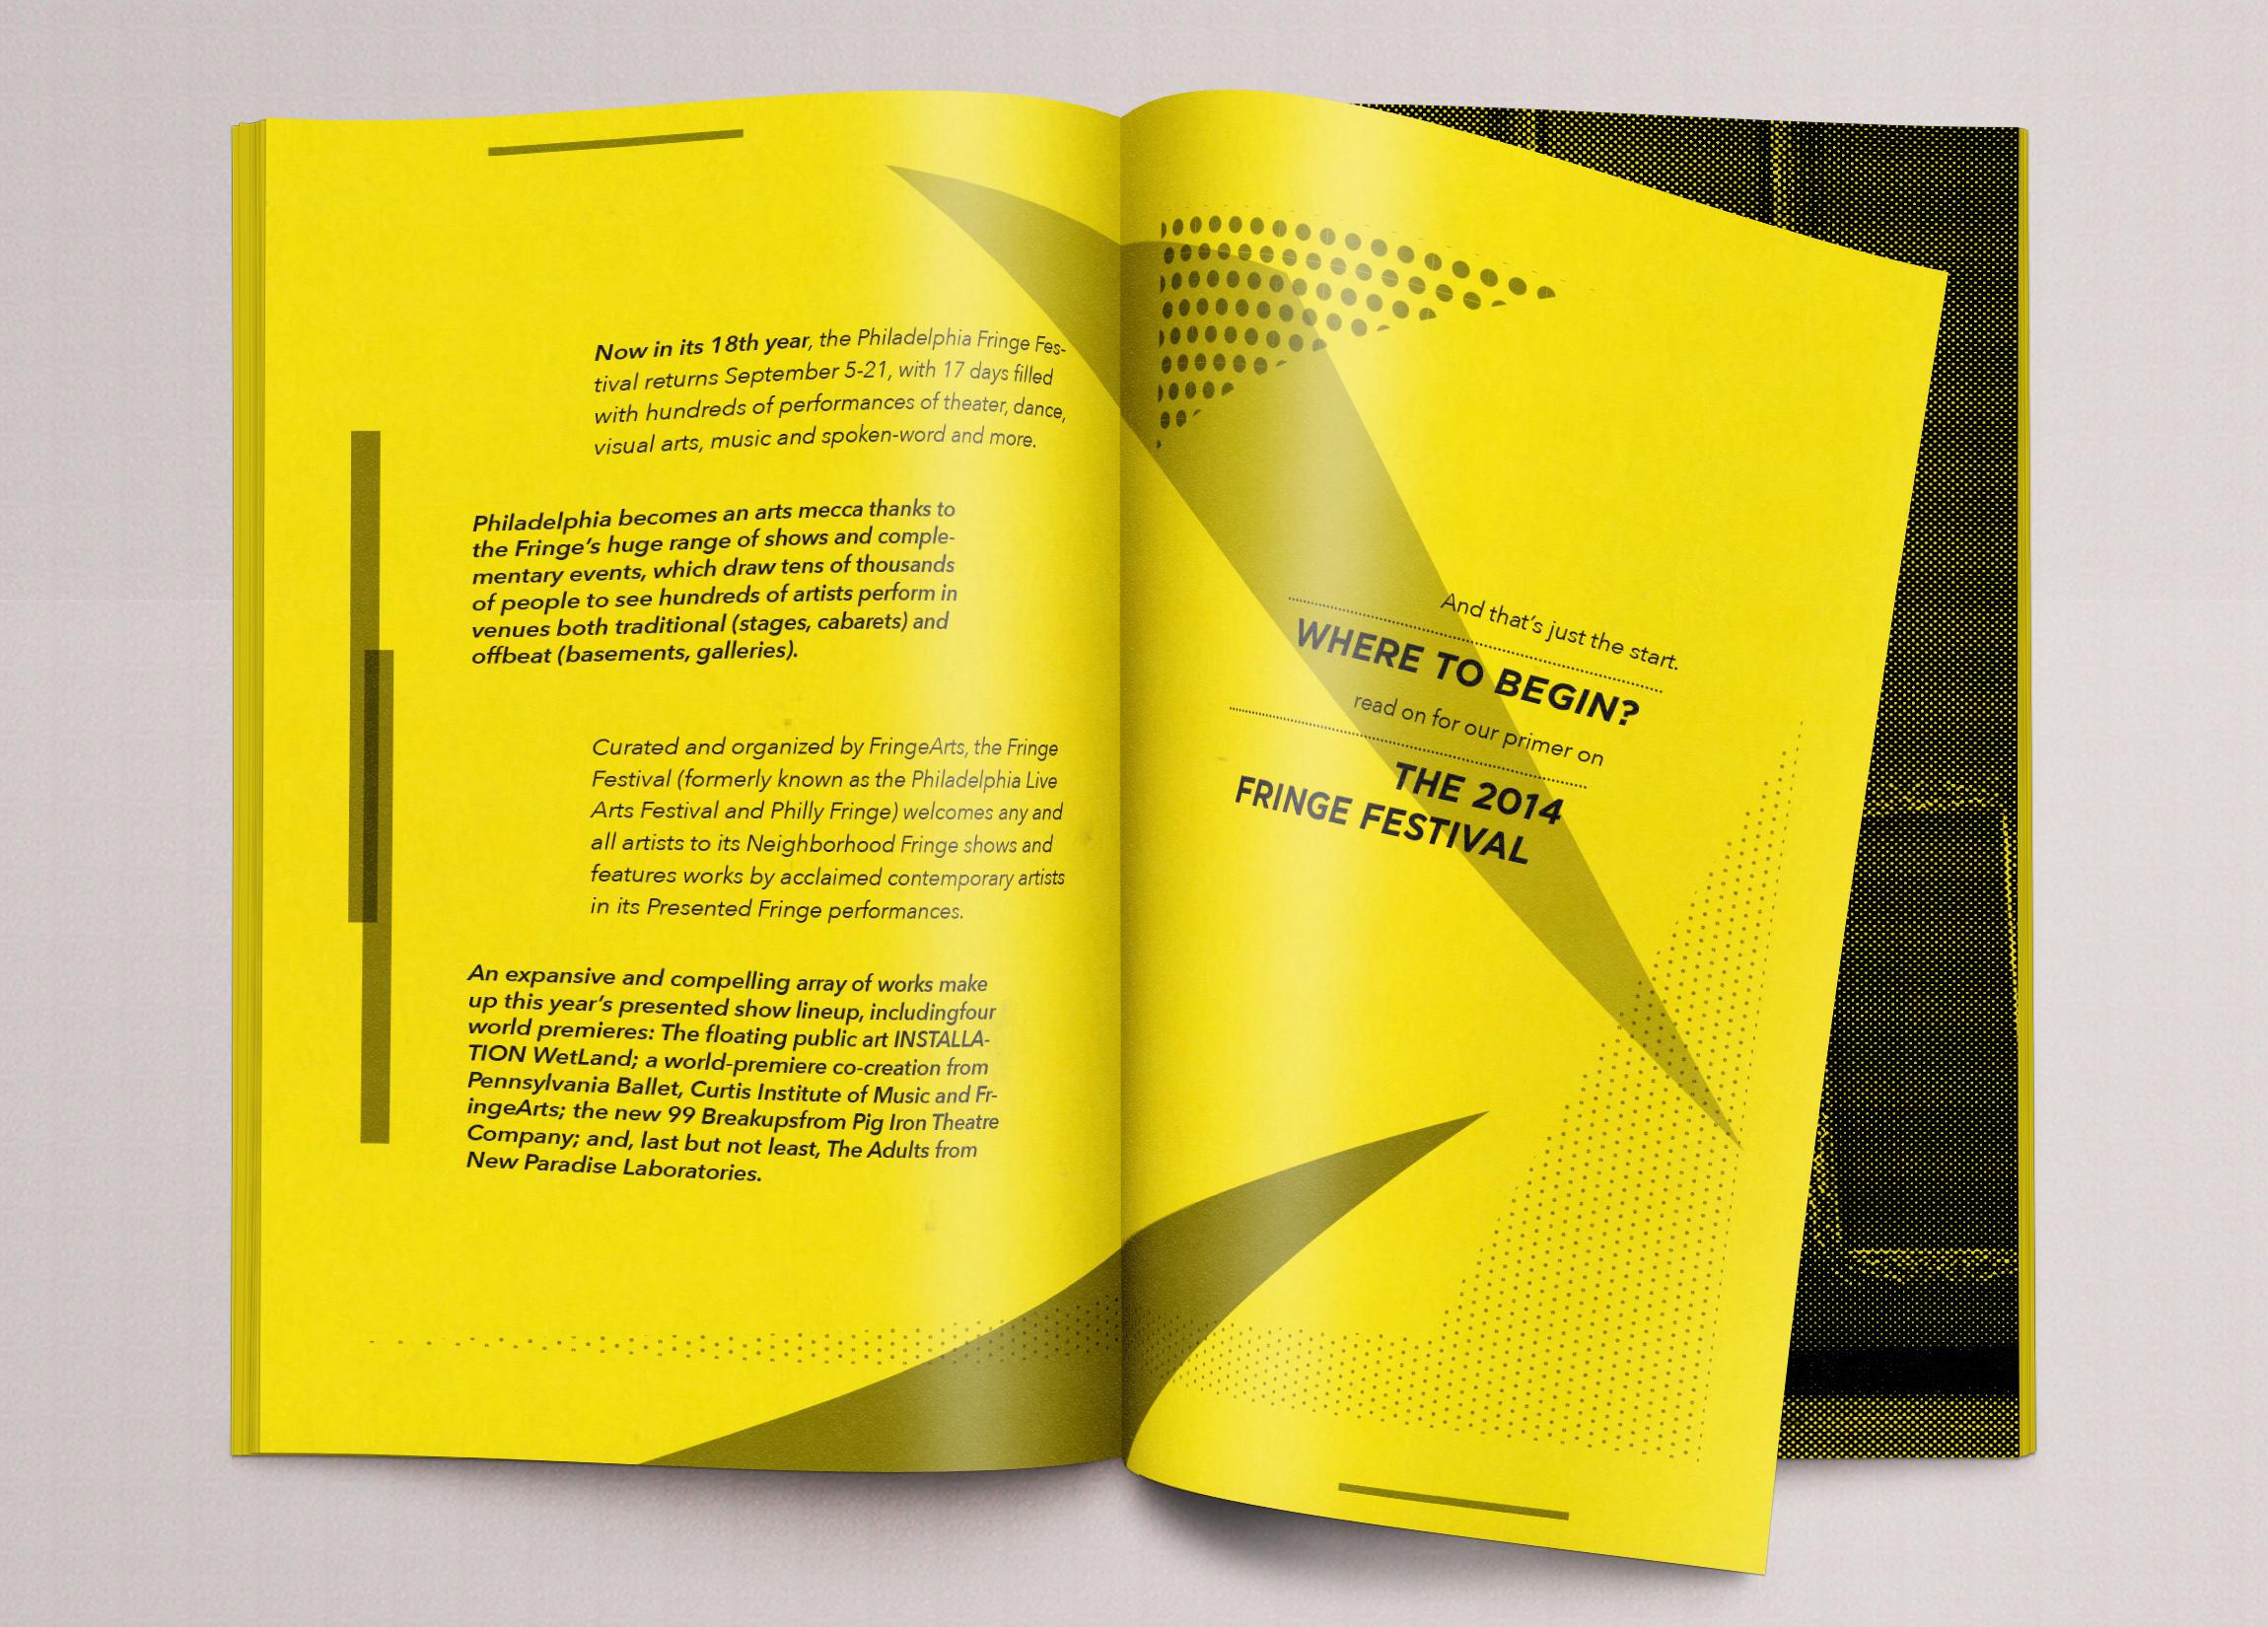 Philly Fringe_Photorealistic Magazine MockUp_spread1.jpg